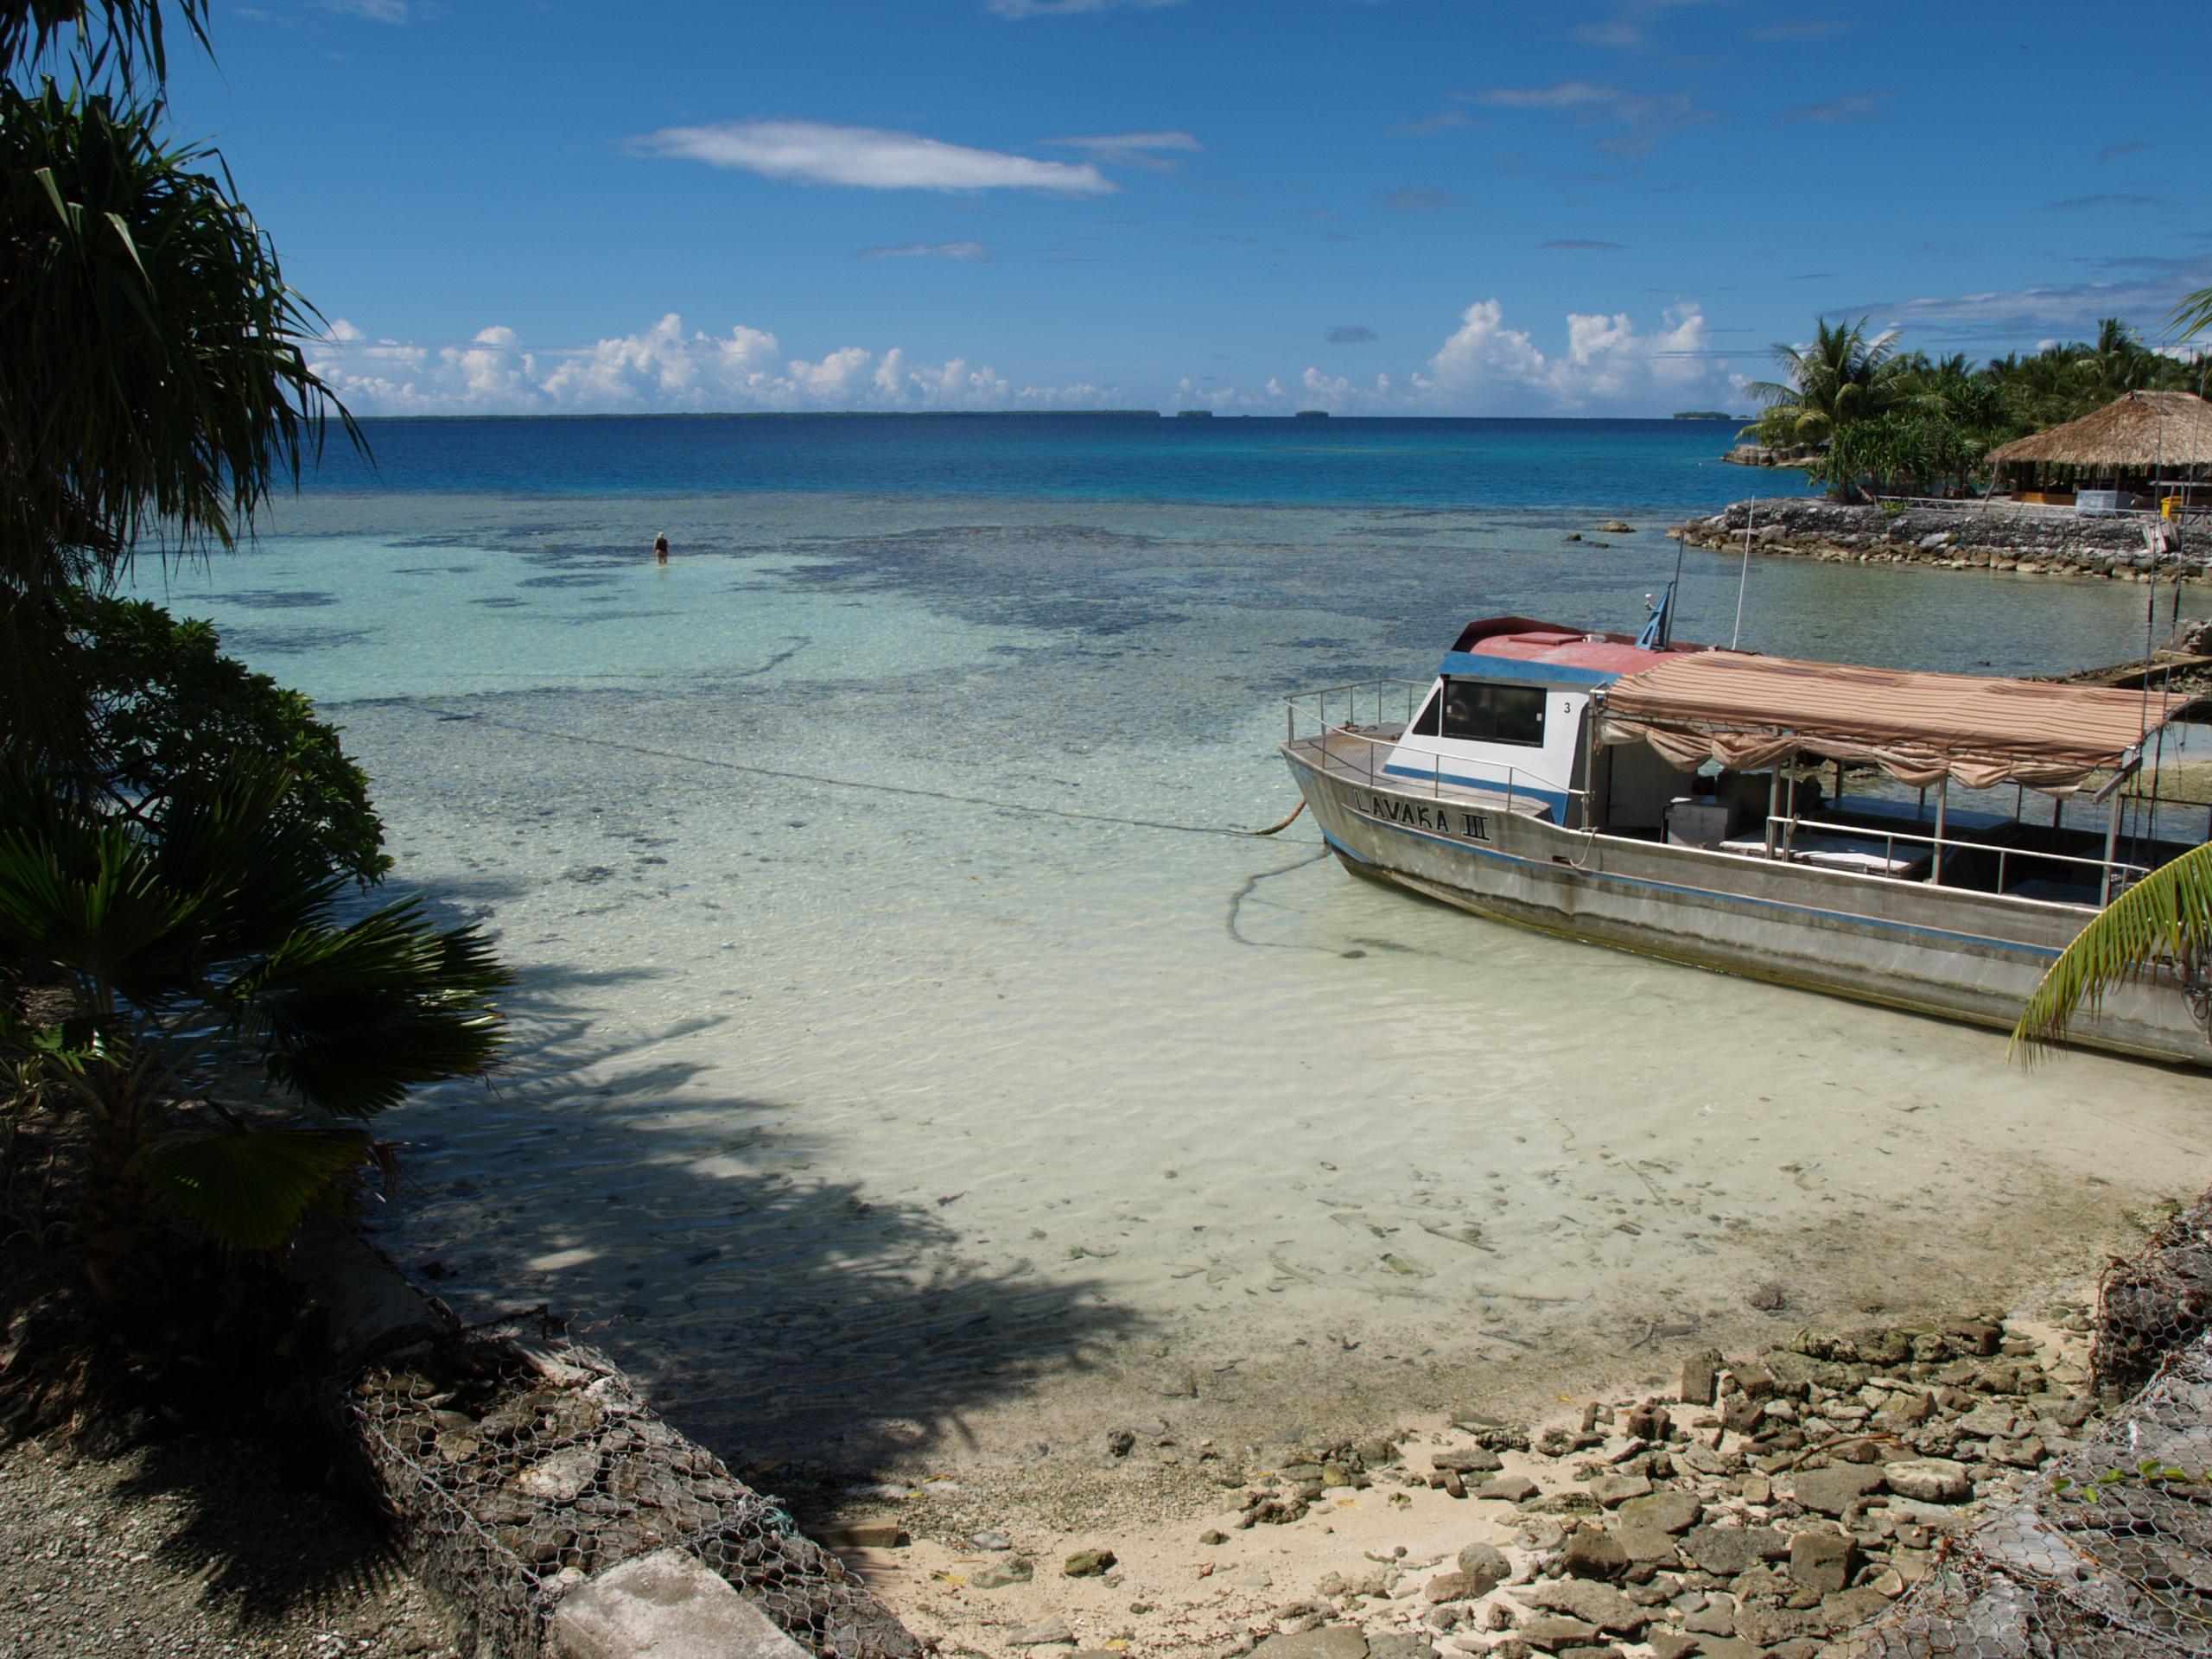 Nukunonu Lagoon, Tokelau. Photo taken on July 8, 2007.